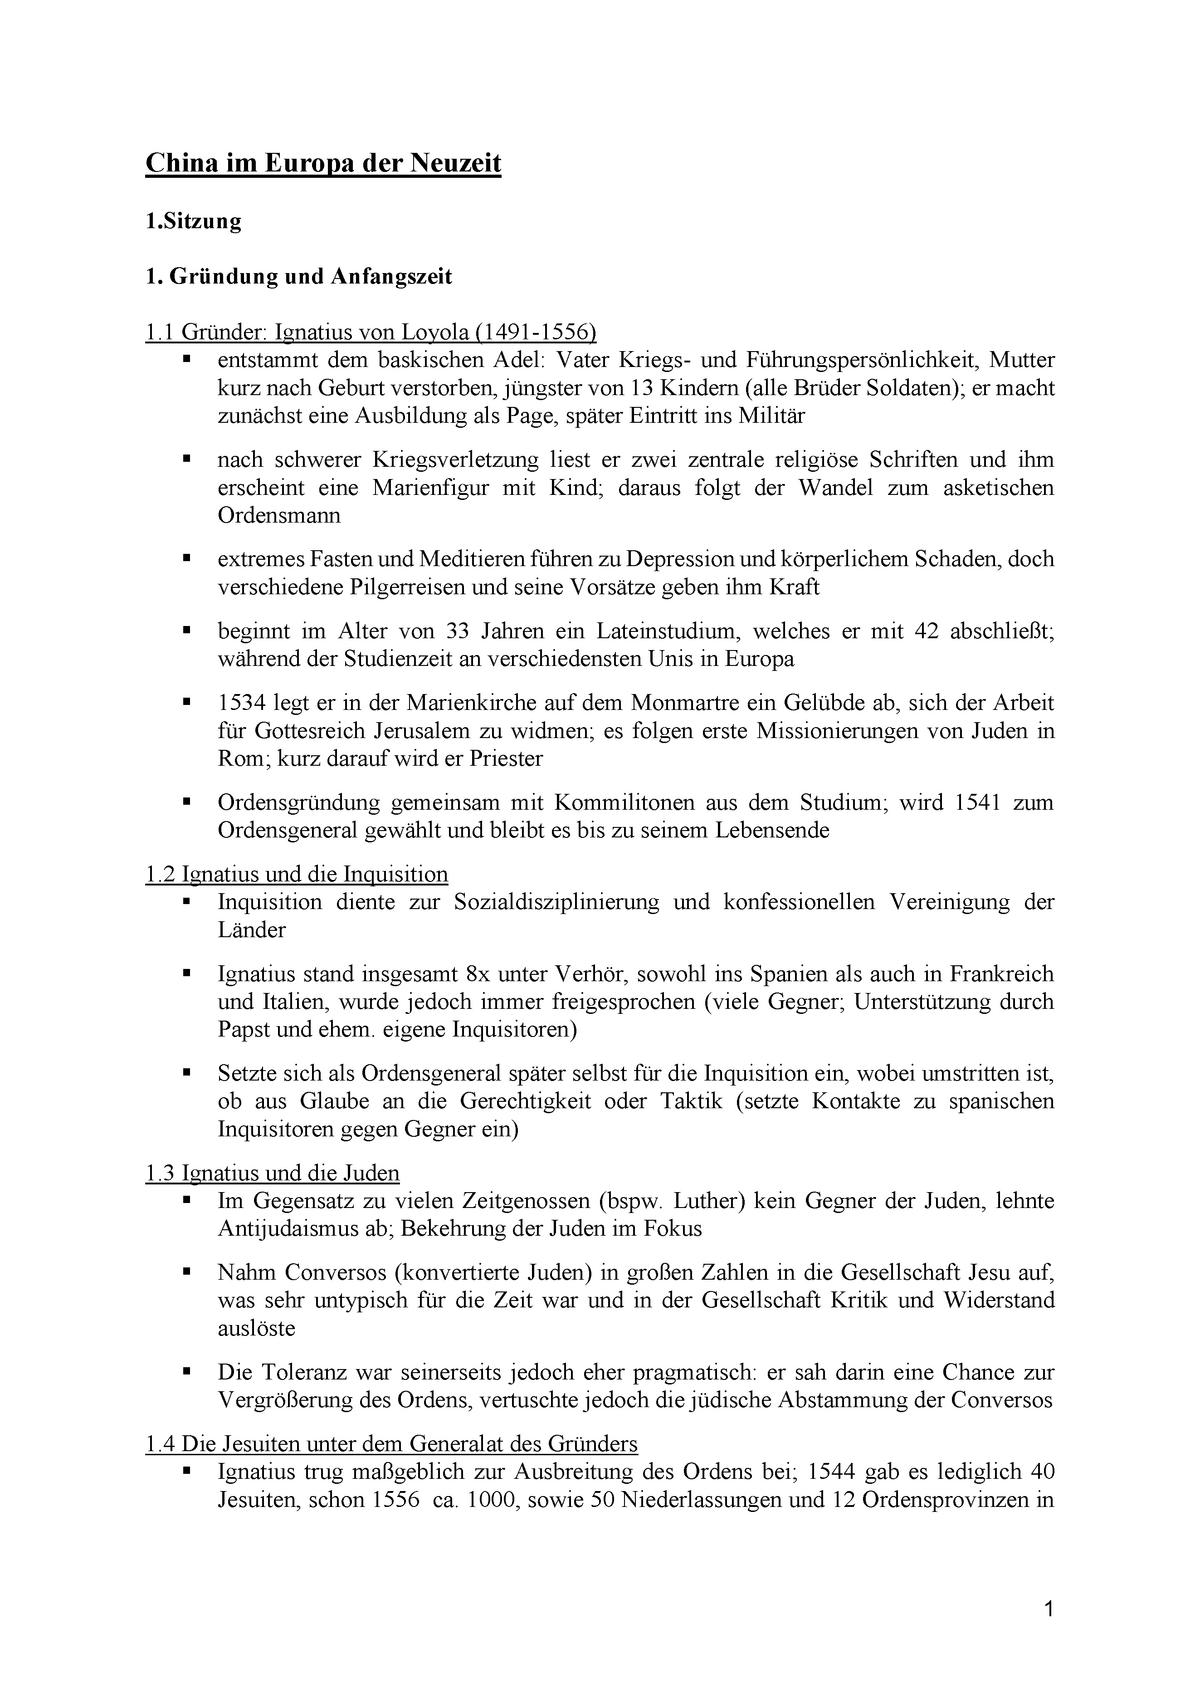 China im Europa der Neuzeit - 0208001: Einführung in die